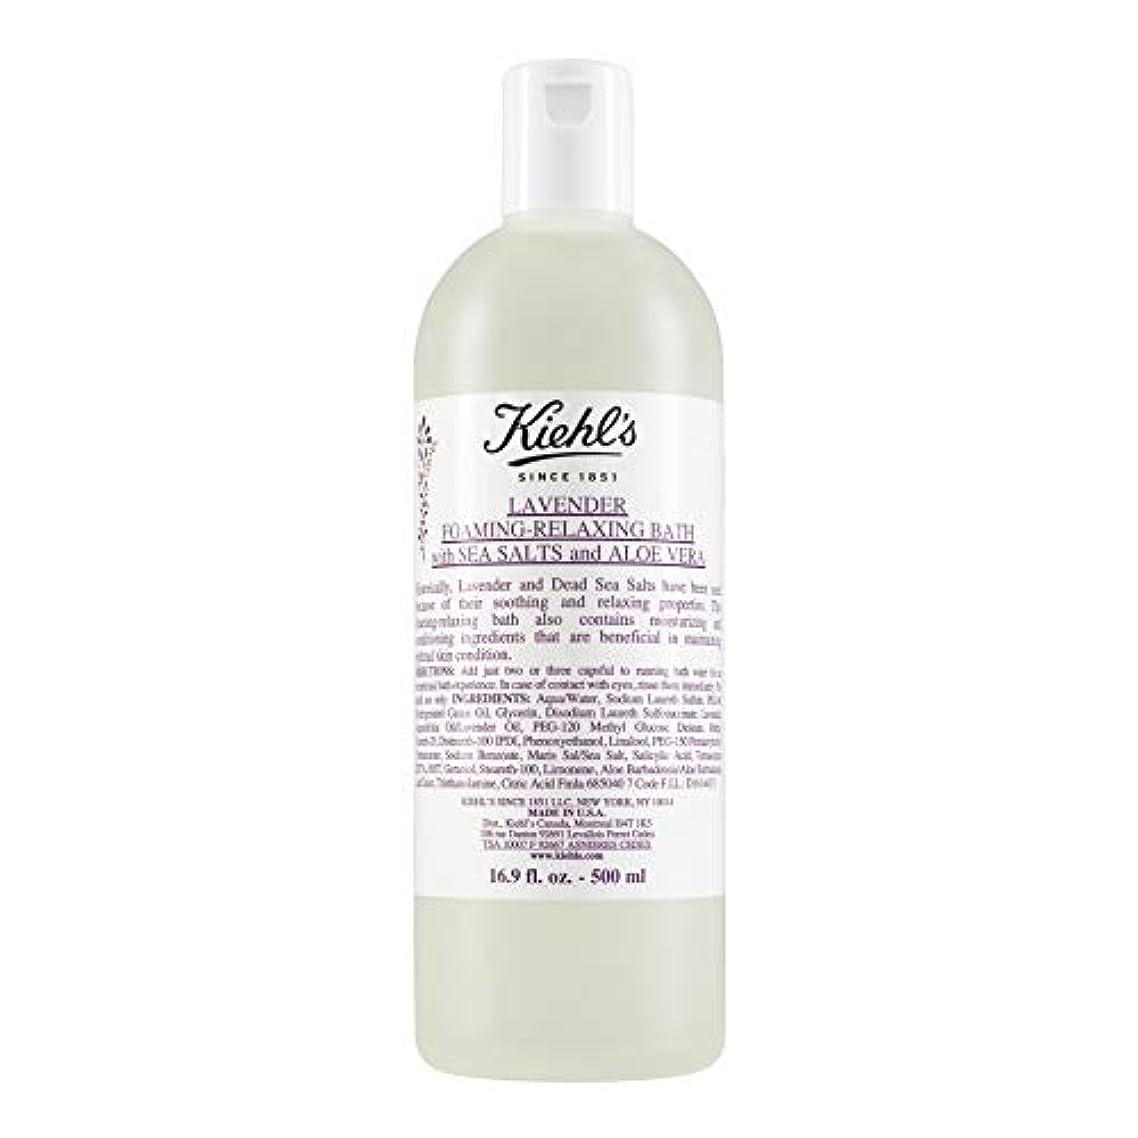 [Kiehl's ] 500ミリリットルキールズラベンダー風呂海の塩 - Kiehl's Lavender Bath Sea Salts 500ml [並行輸入品]